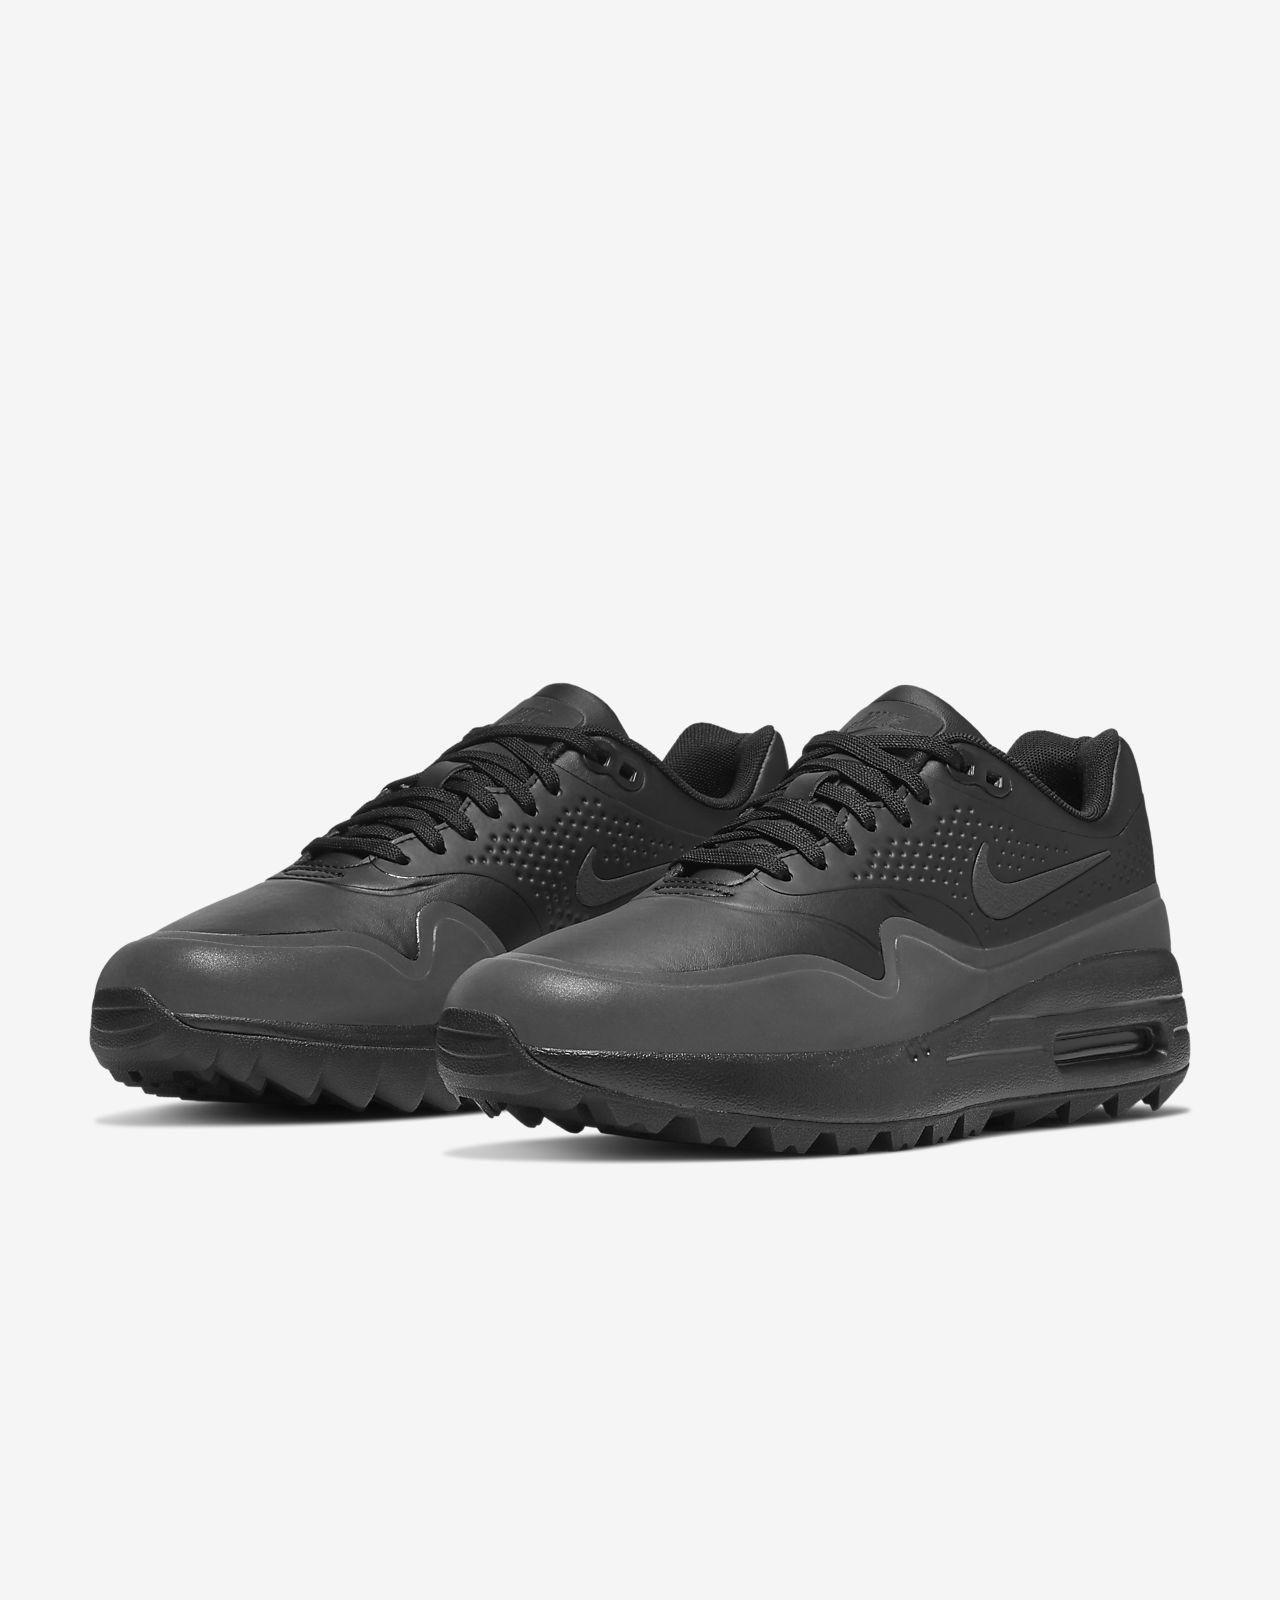 chaussures nike air max 1 femmes